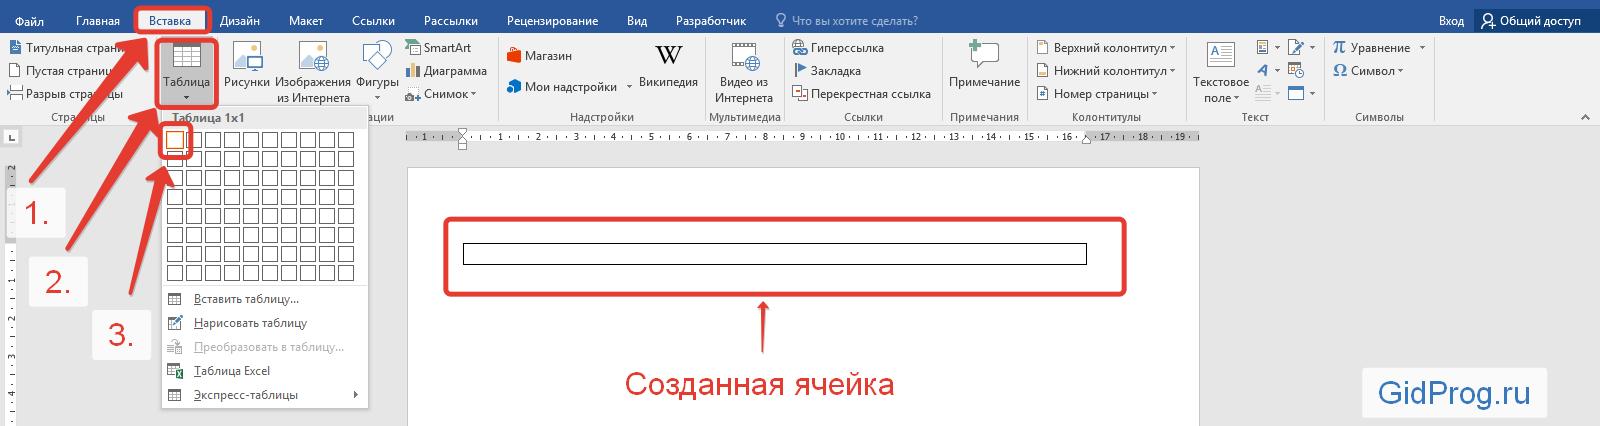 Как в ворде написать текст вертикально